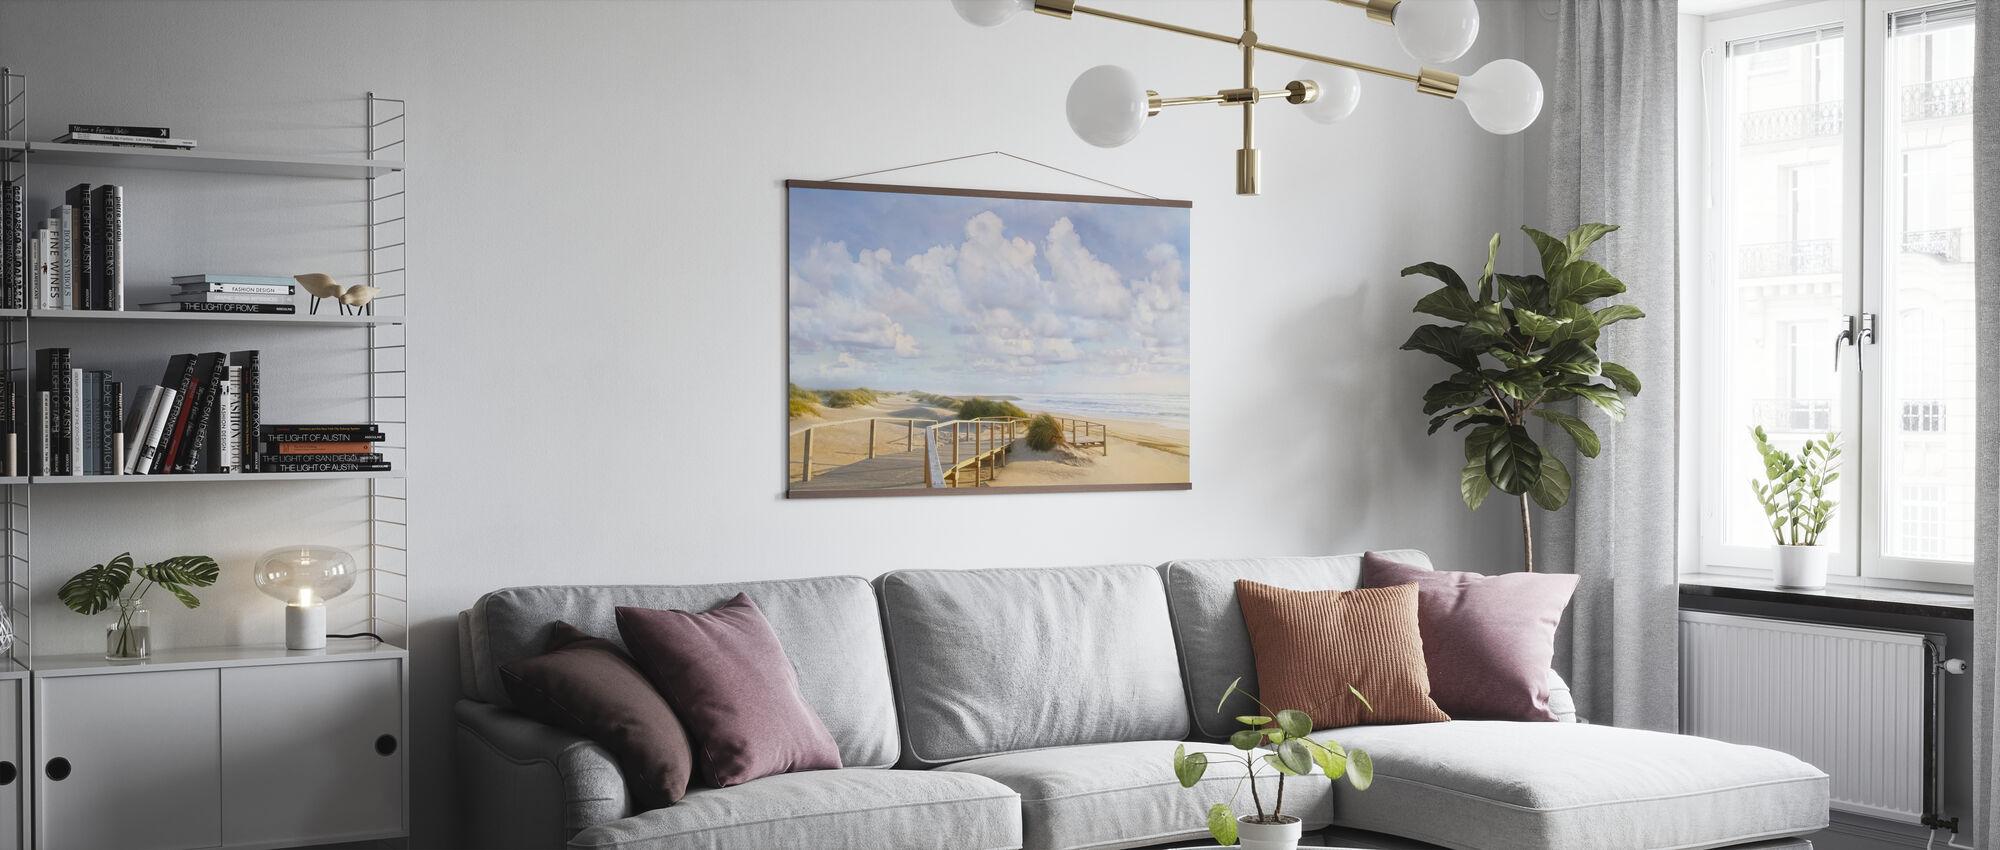 Strandpromenade - Poster - Wohnzimmer